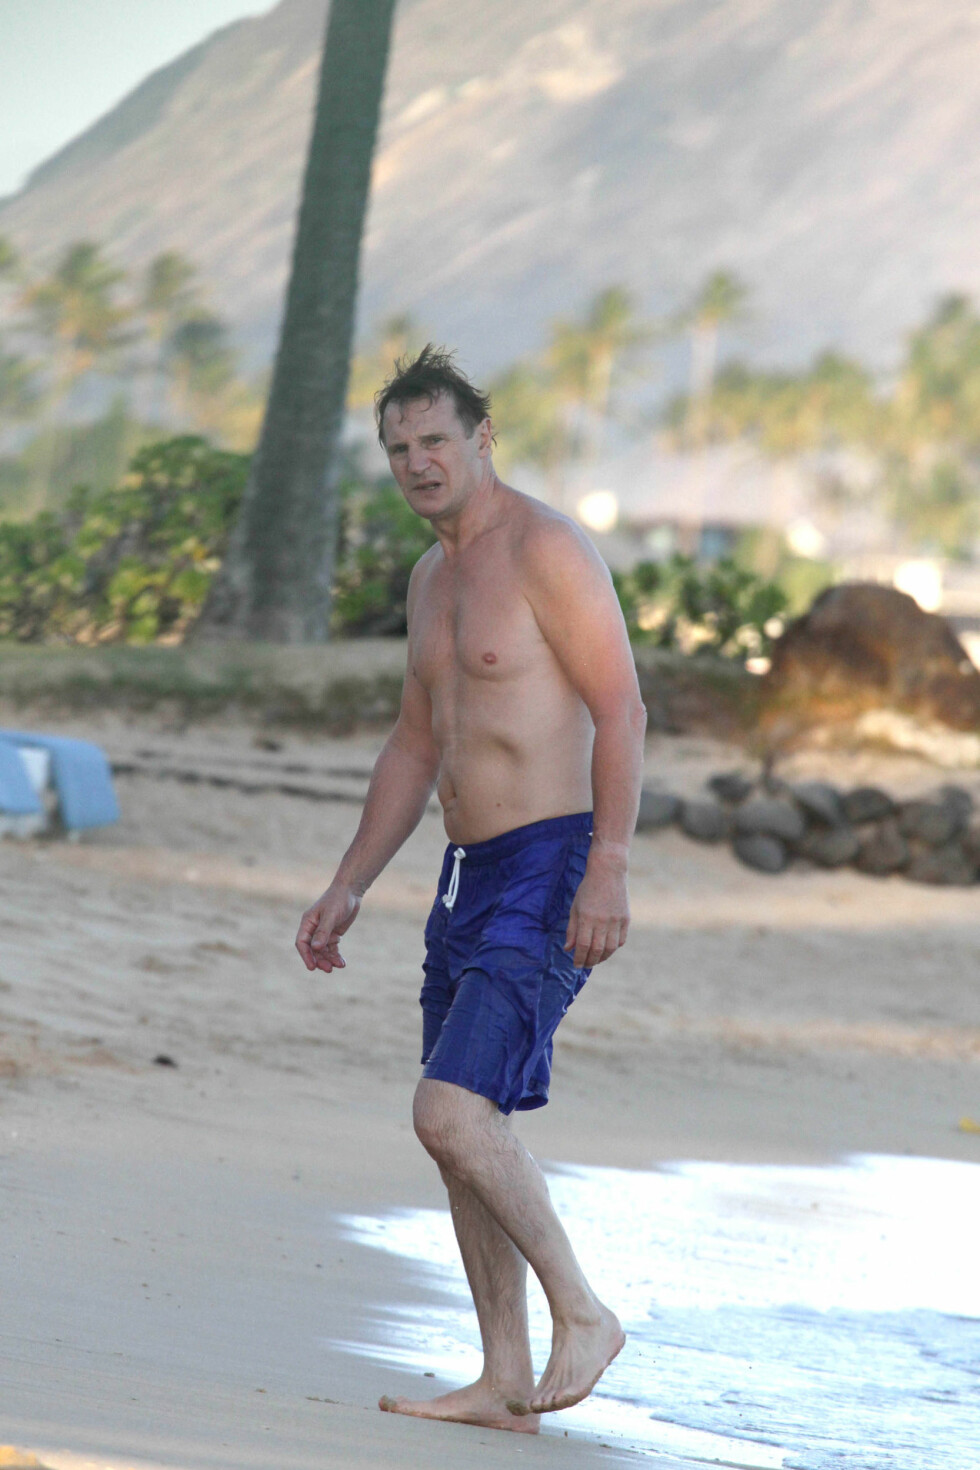 KJEKKAS: Liam Neeson er 62 år, og holder seg svært godt. Han begynte å trene som 19-åring, men har lagt treningsregimet på hylla. Nå trives han best utendørs. - Dersom jeg vet at jeg må ta av noen kilo på overkroppen for en rolle trener jeg med kettle bells og lignende. I tillegg går jeg mye powerwalks utendørs. Foto: All Over Press